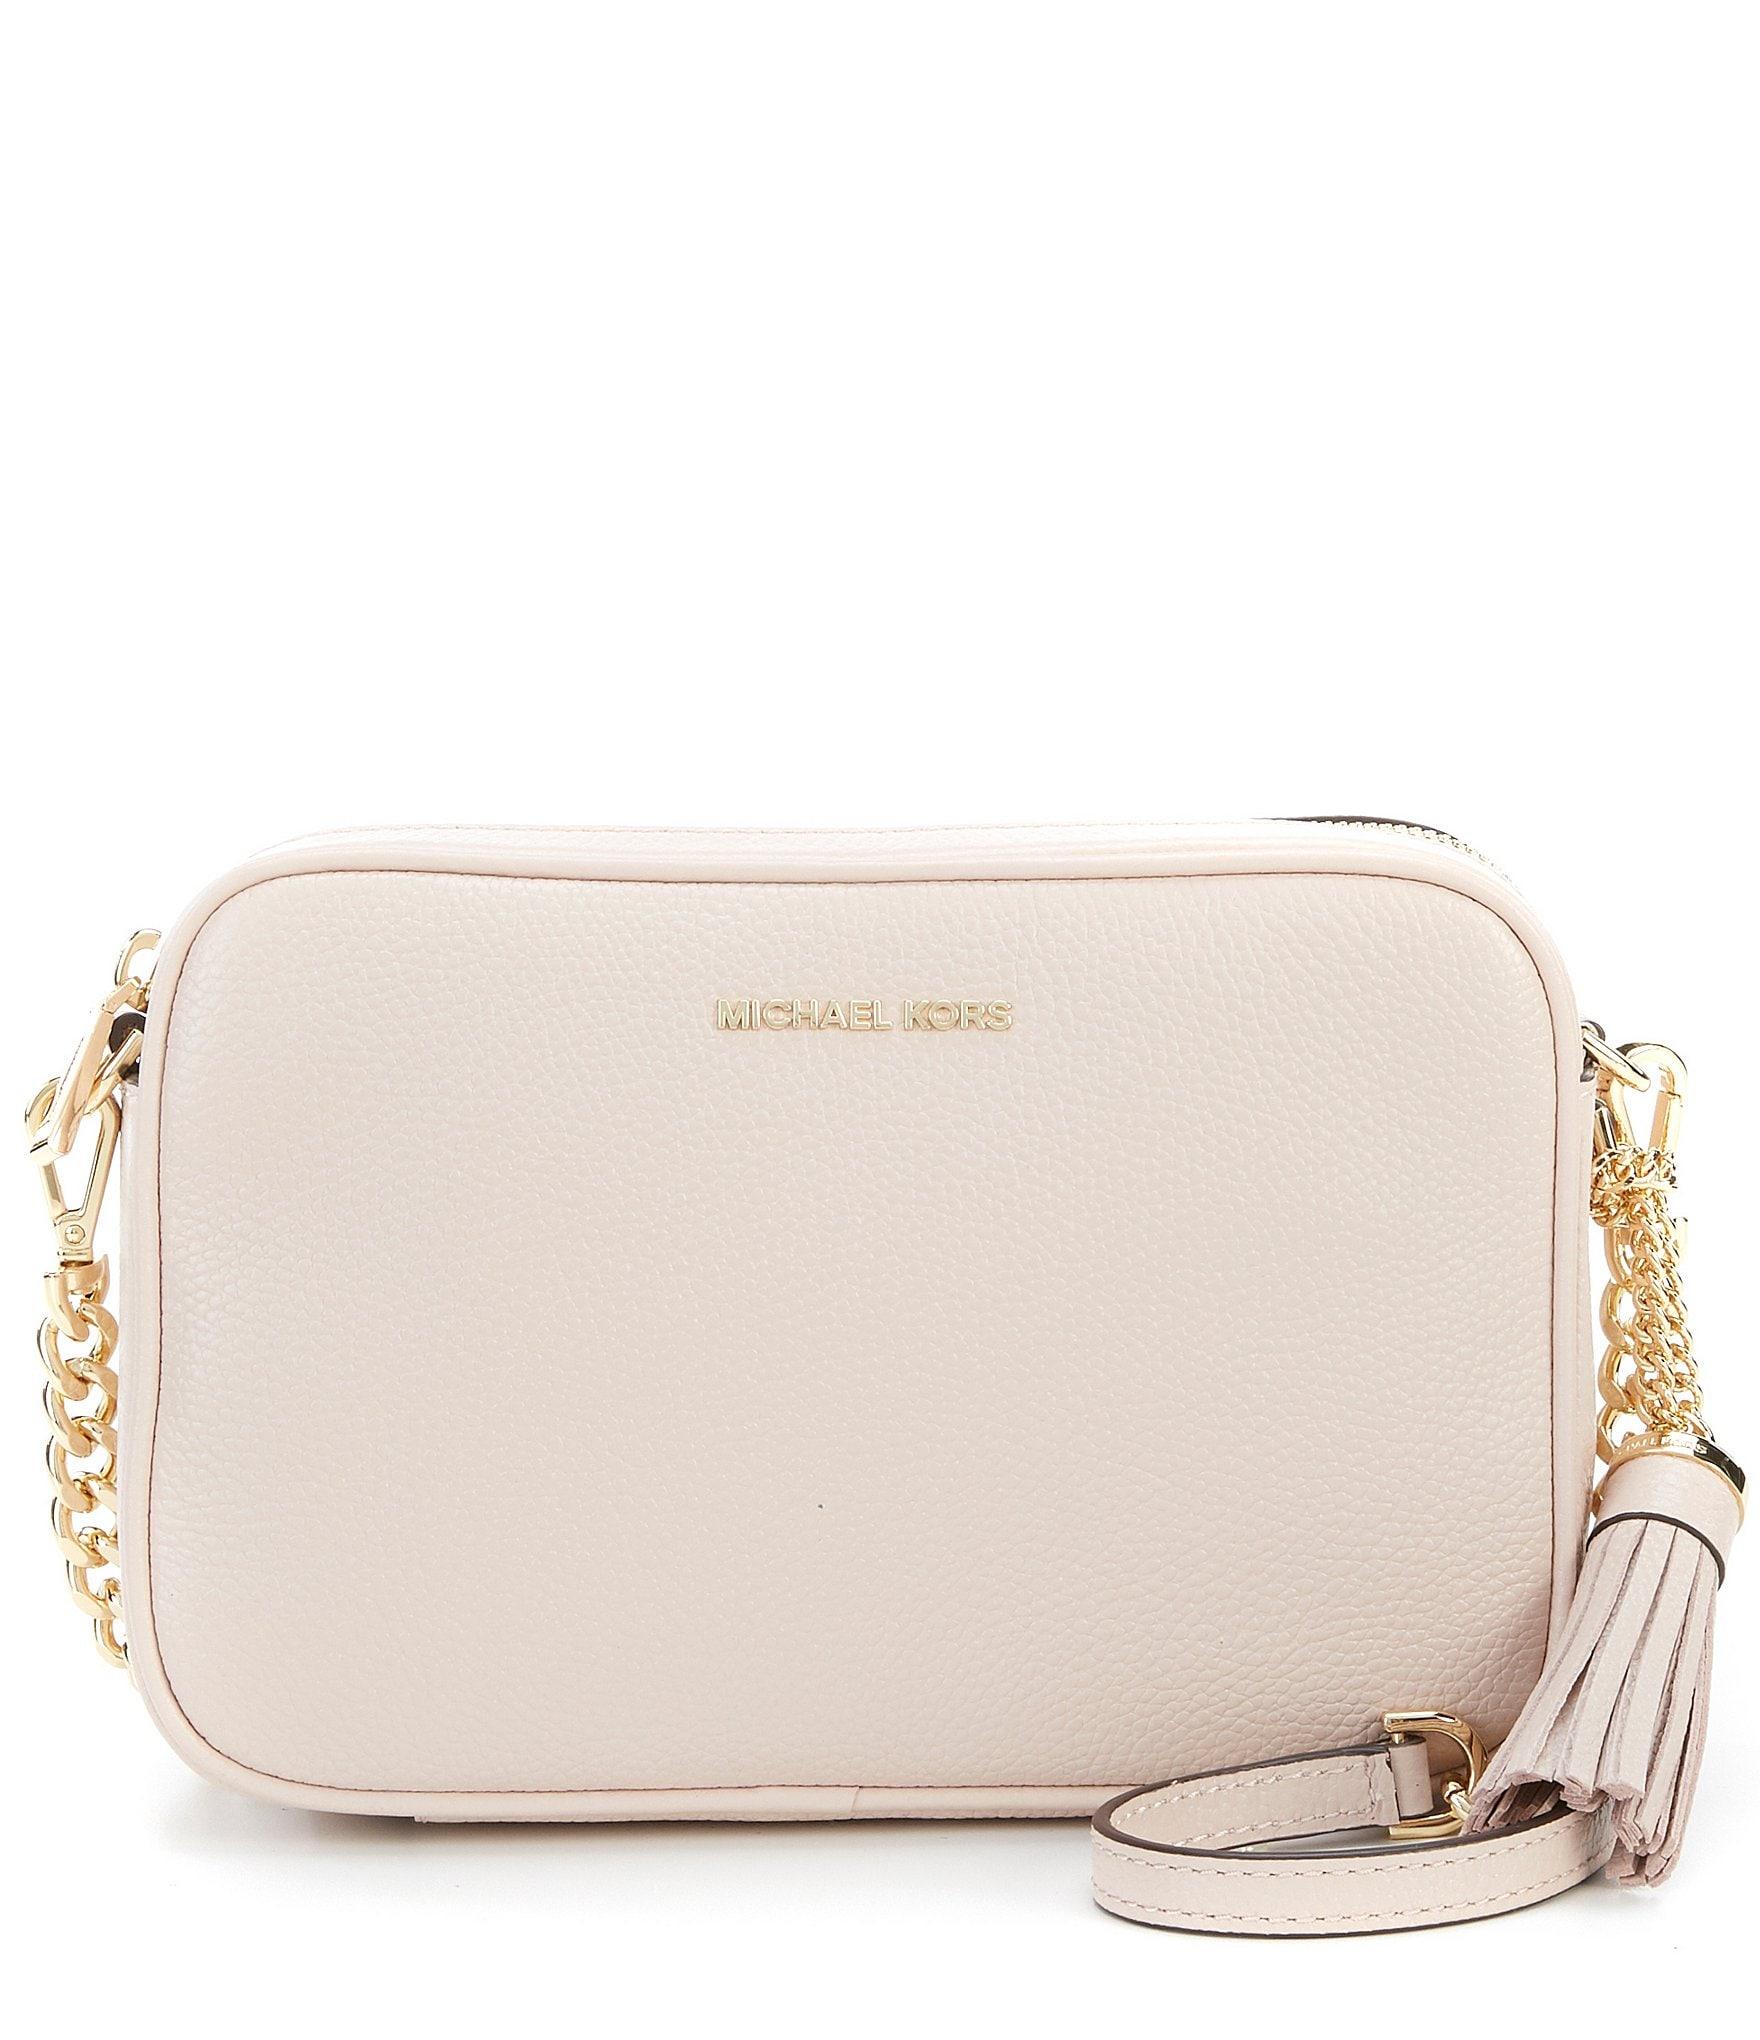 2821dde71b902a ... switzerland michael kors pink handbags purses wallets dillard s 145ac  8d83e